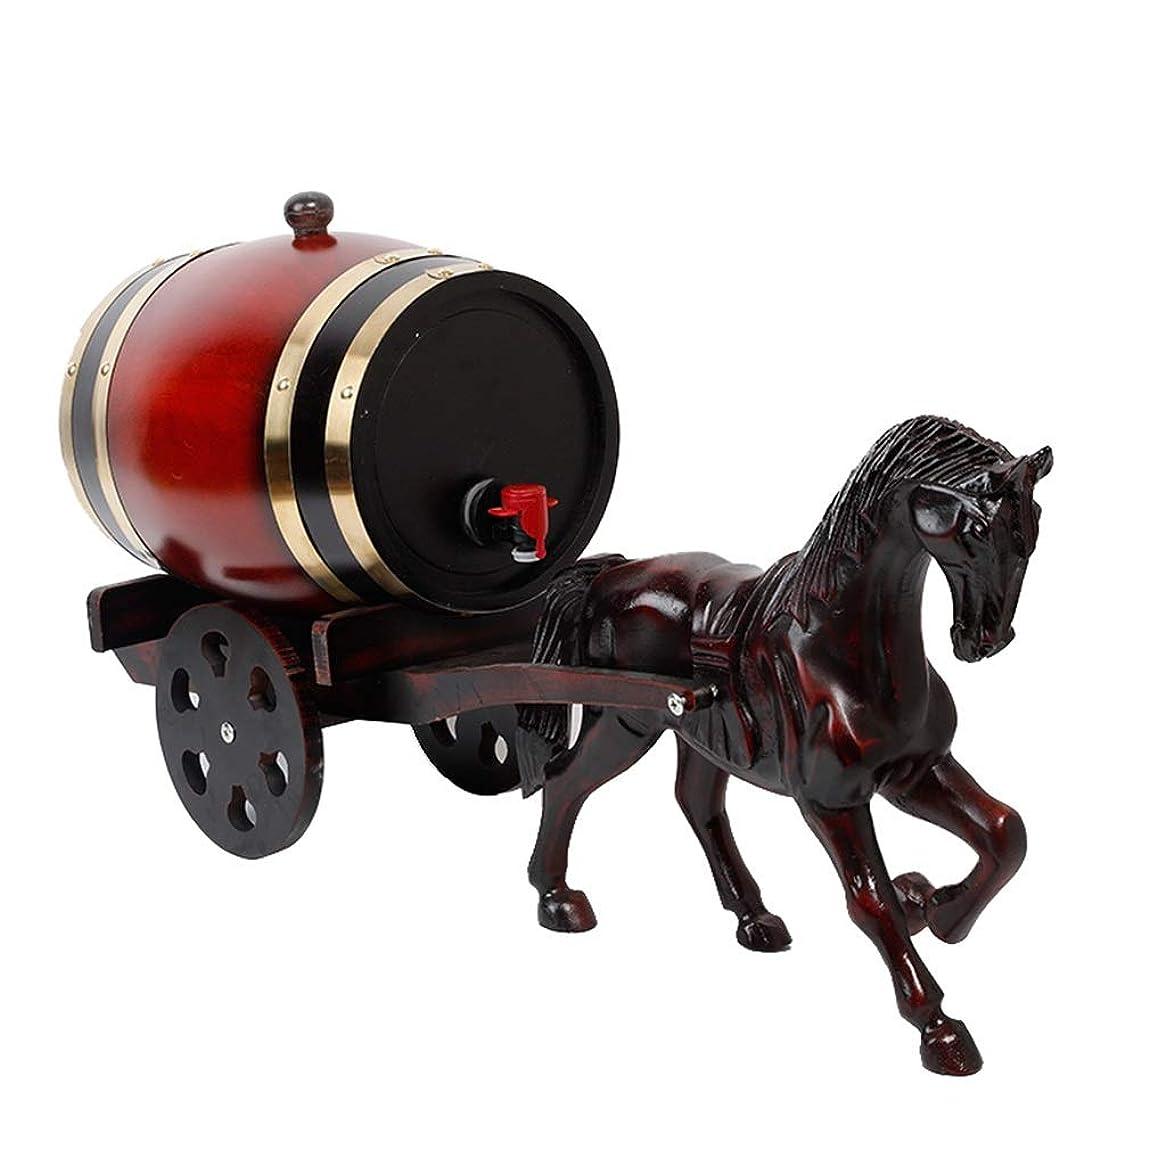 効率的に東部居住者ワイン樽 5 Lオーク樽、ワインジュースやその他の飲み物を保存するためのパーソナライズされた馬車モデルホーム木製装飾結婚式の装飾用品 ウイスキー樽 (Color : Deep red, Size : 5L)